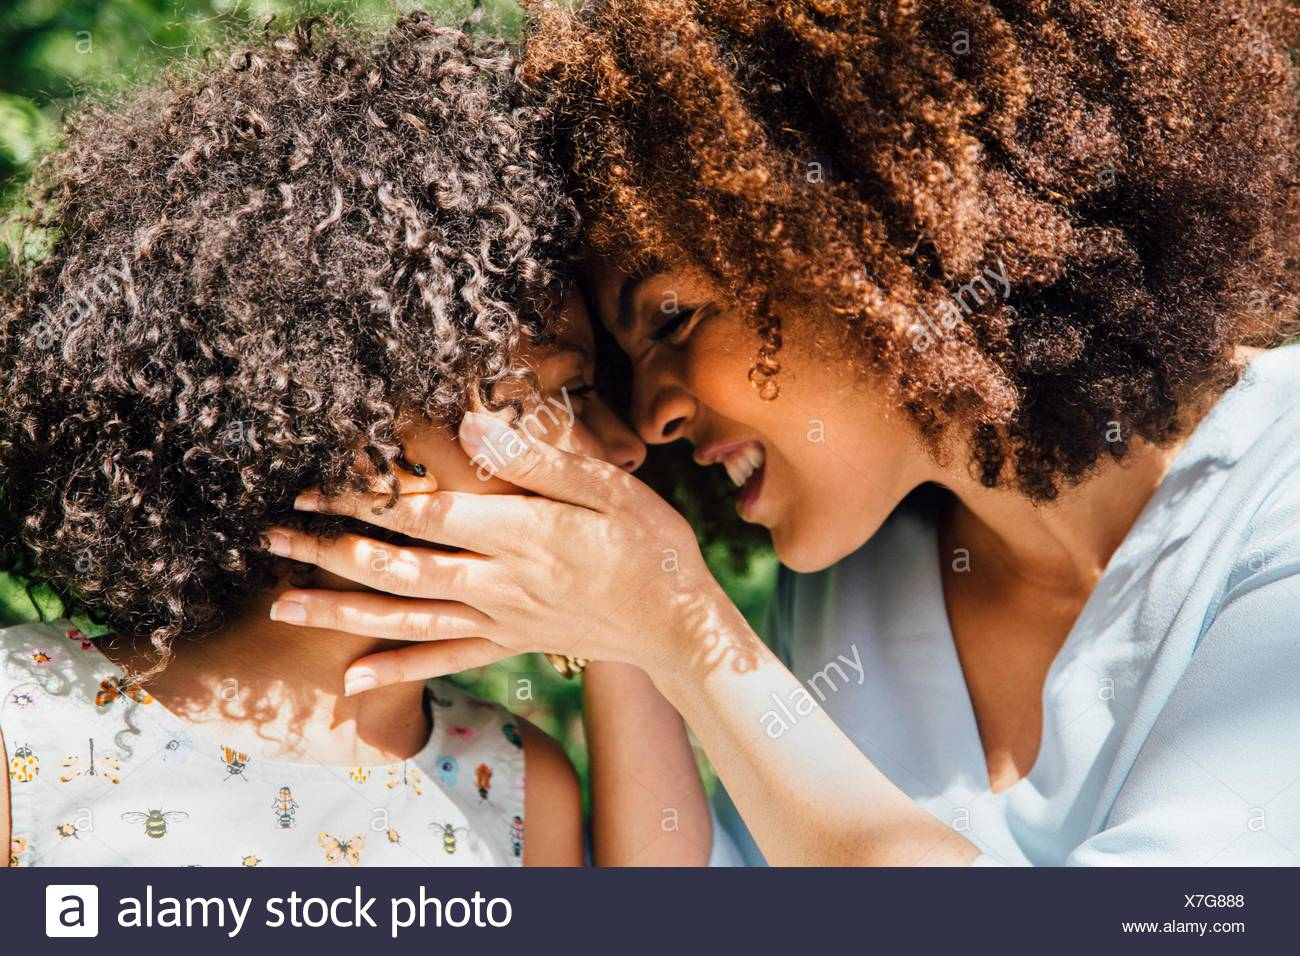 Cerrar vista lateral de la madre y la hija de nariz a nariz Imagen De Stock